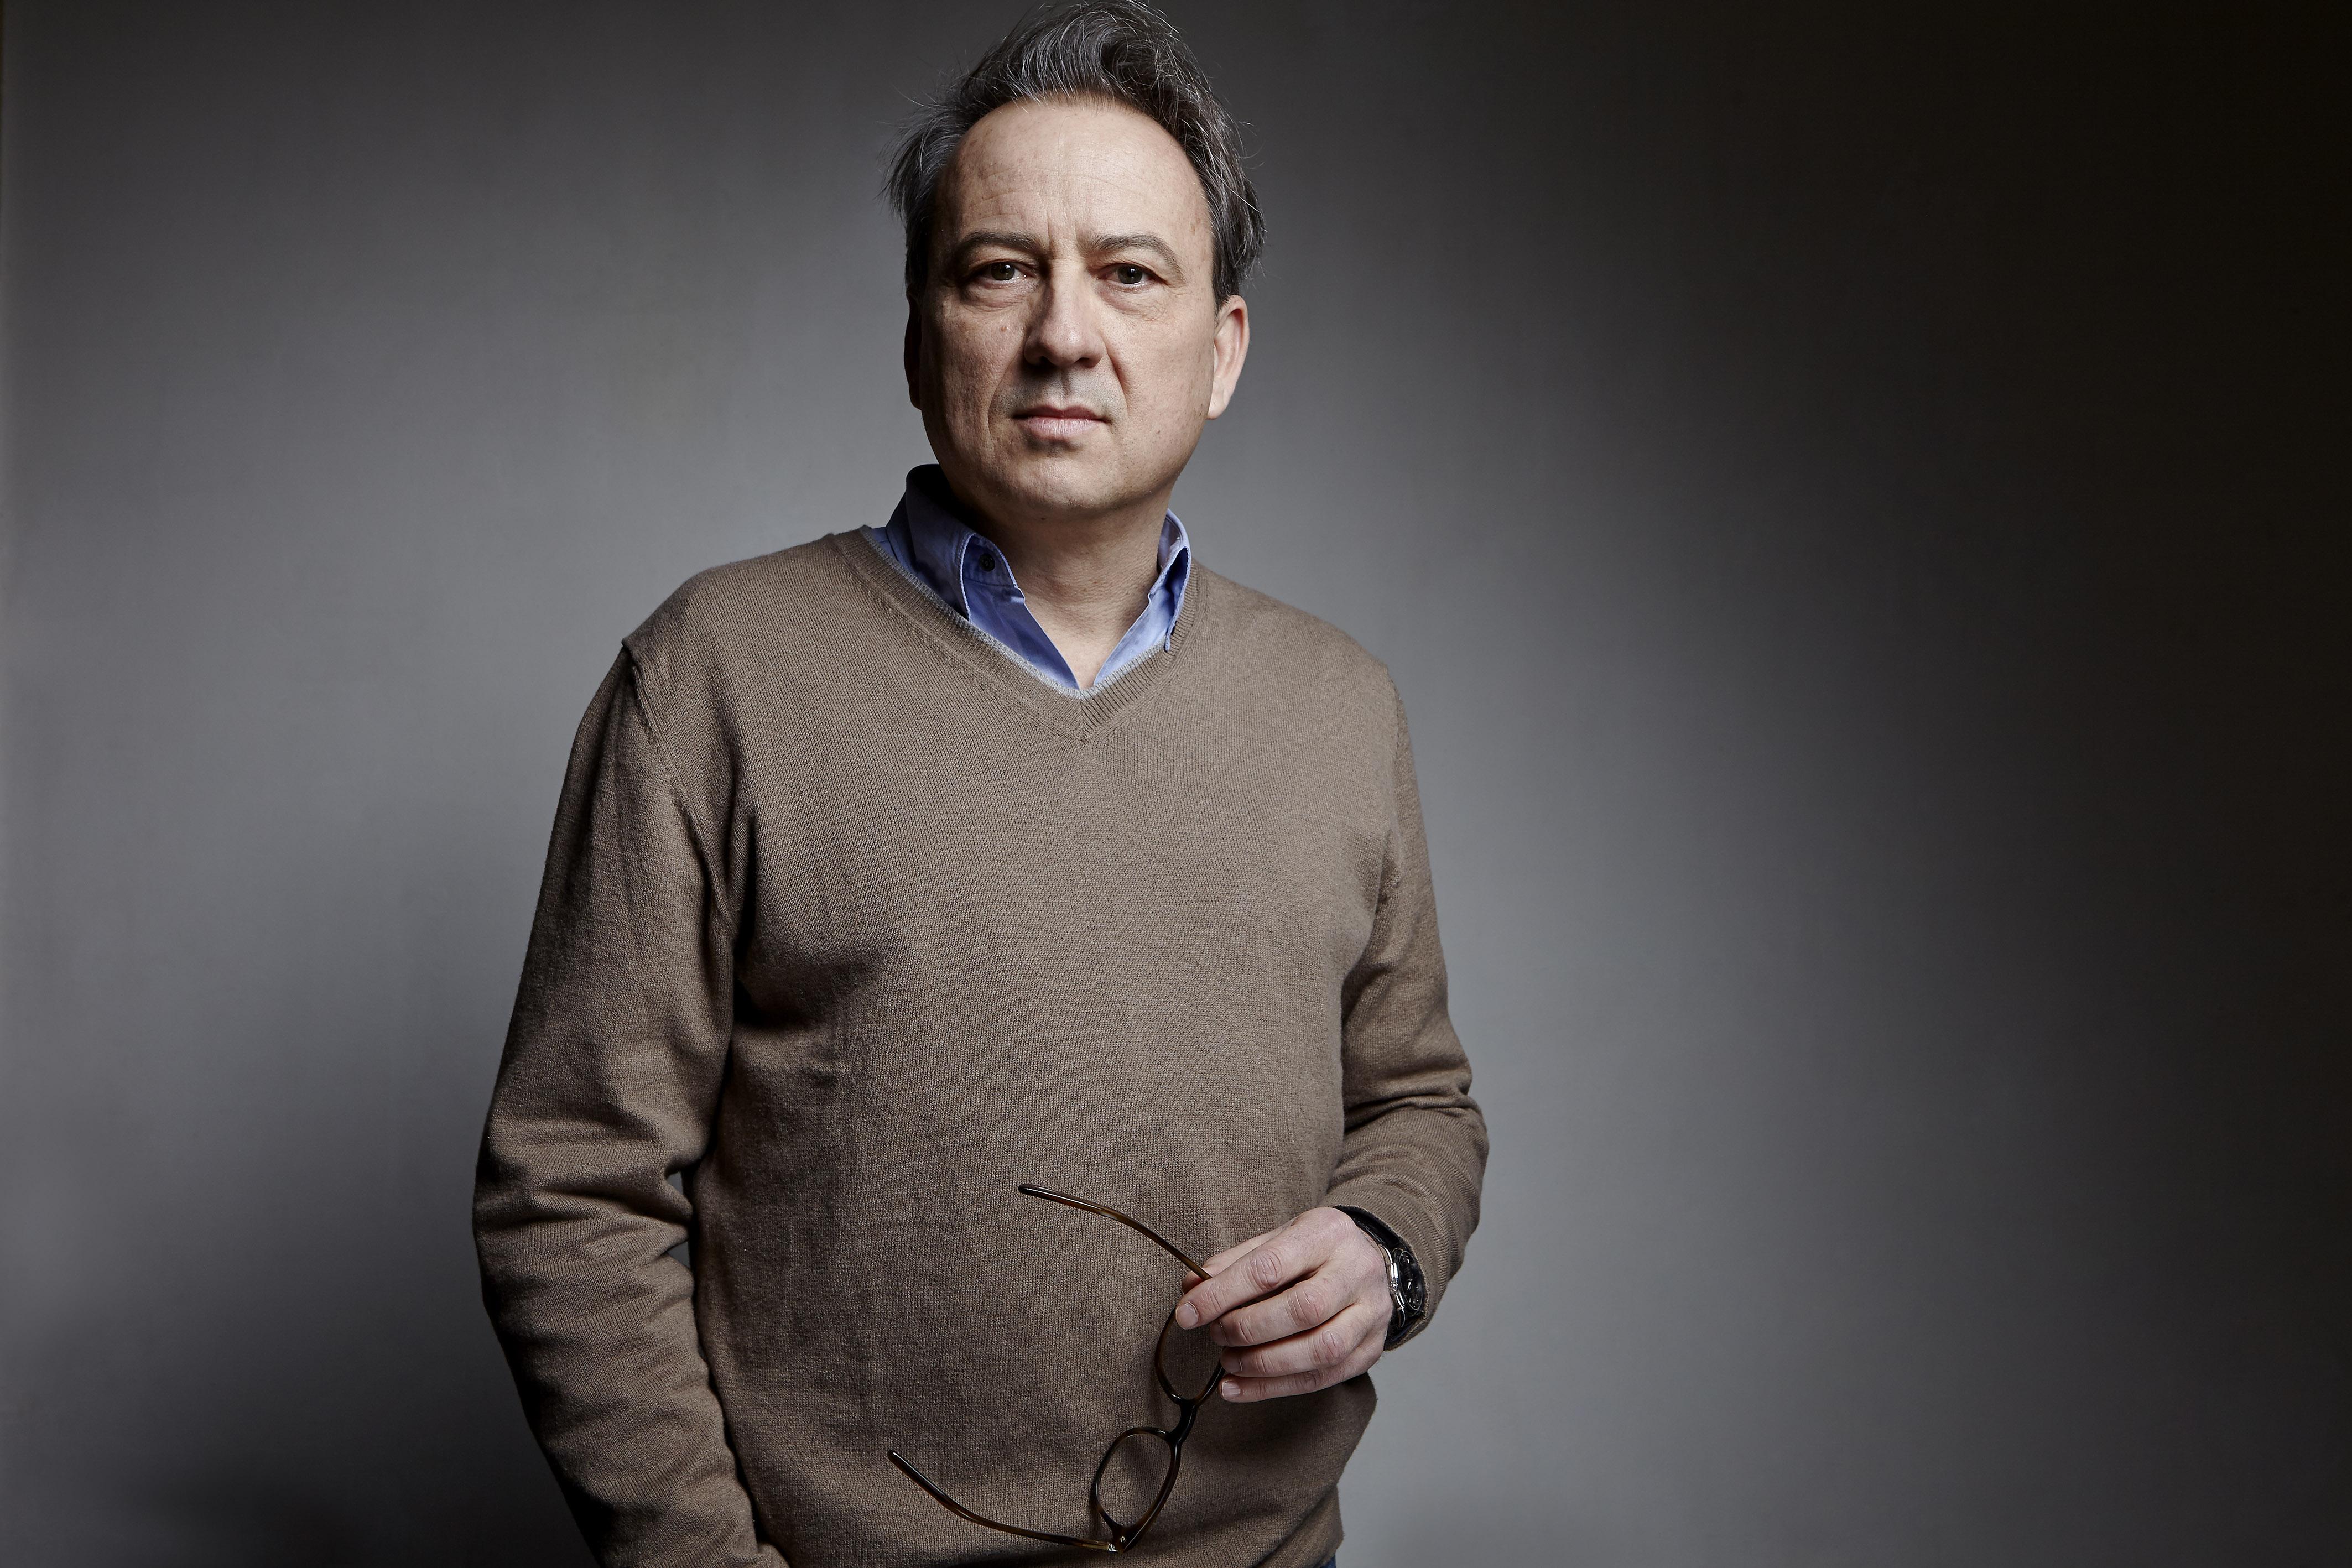 PORTRAIT DE JEAN-LUC COATALEM, ÉCRIVAIN ET RÉDACTEUR EN CHEF ADJOINT DU MAGAZINE GÉO, RÉALISÉ DANS SON BUREAU DE PARIS LE SAMEDI 7 JANVIER 2015.